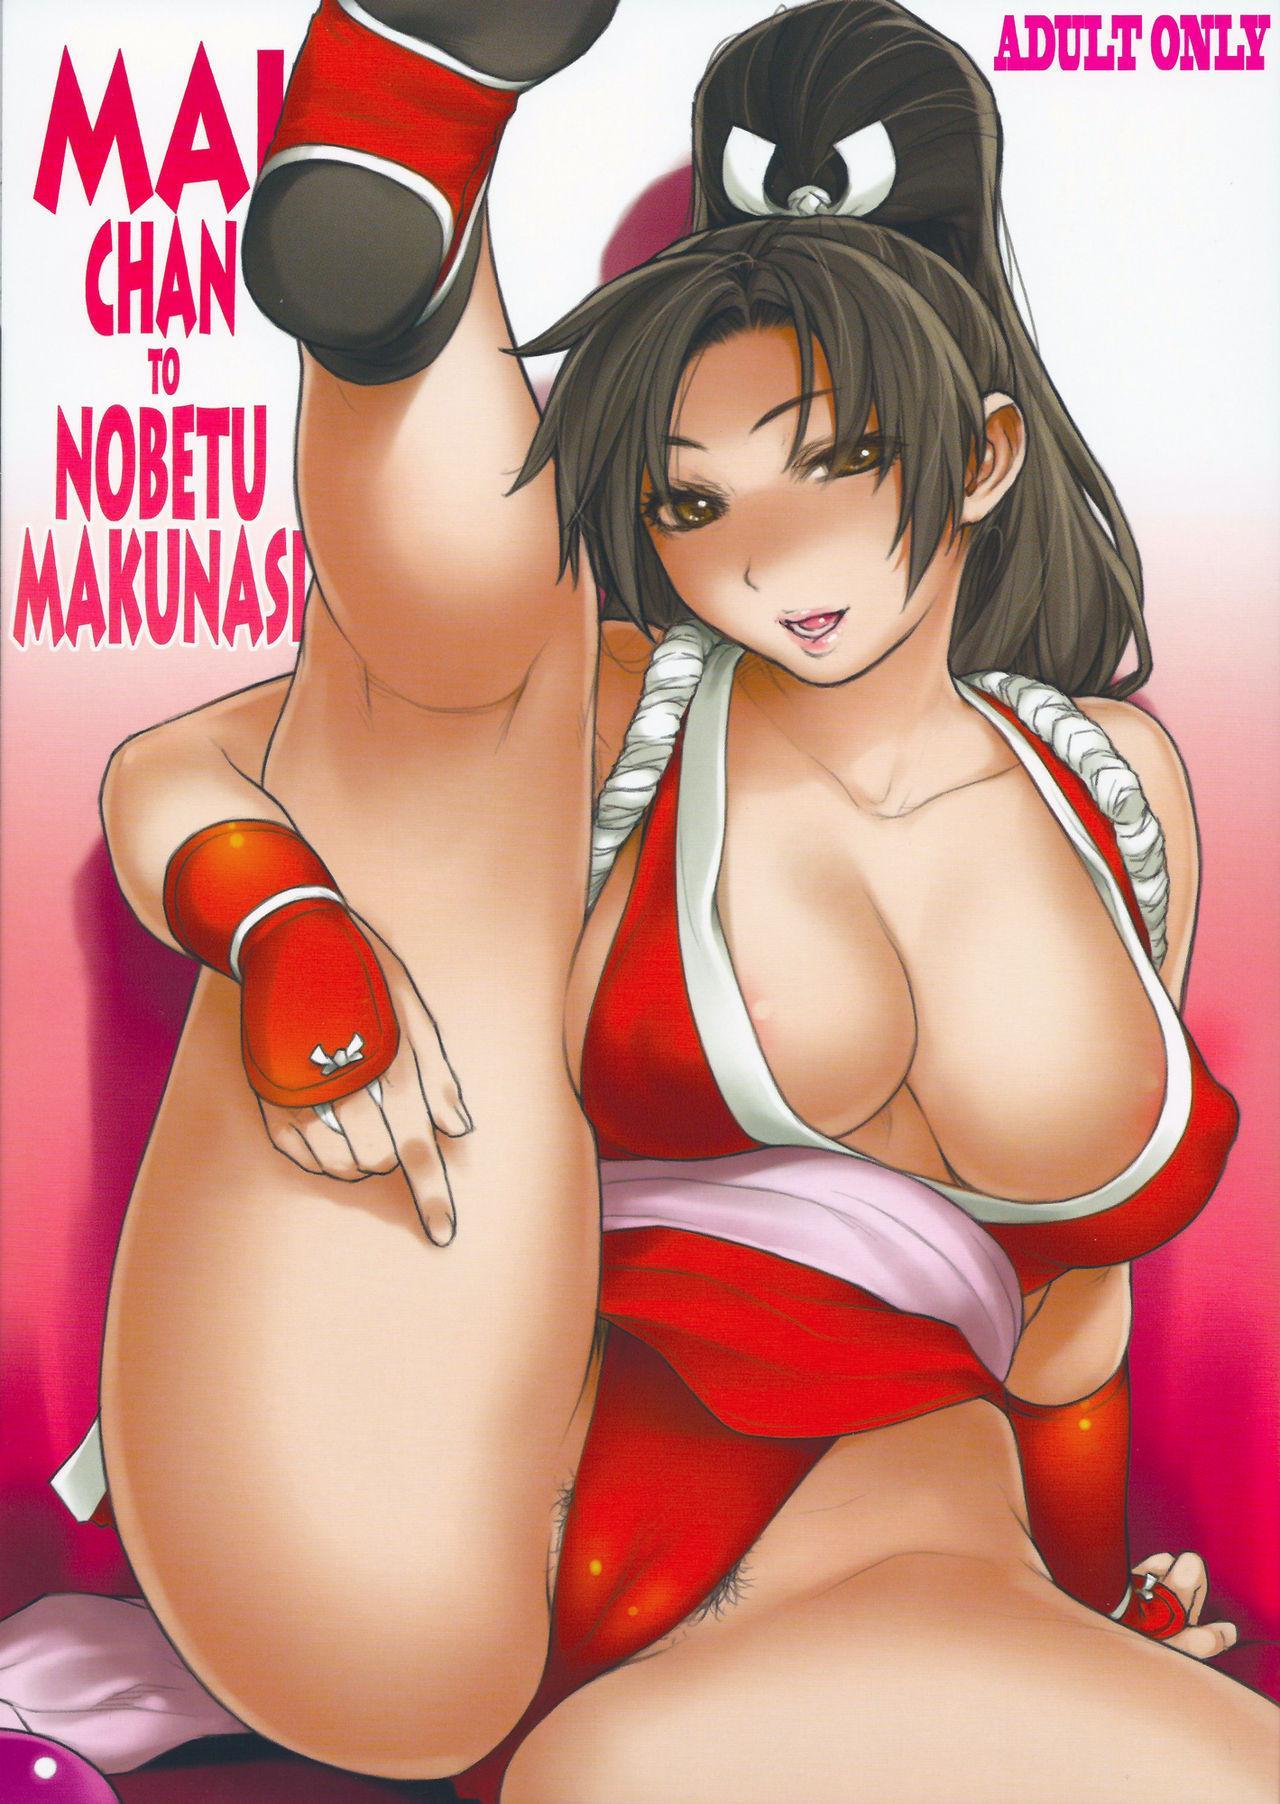 Mai-chan to Nobetsumakunashi 0